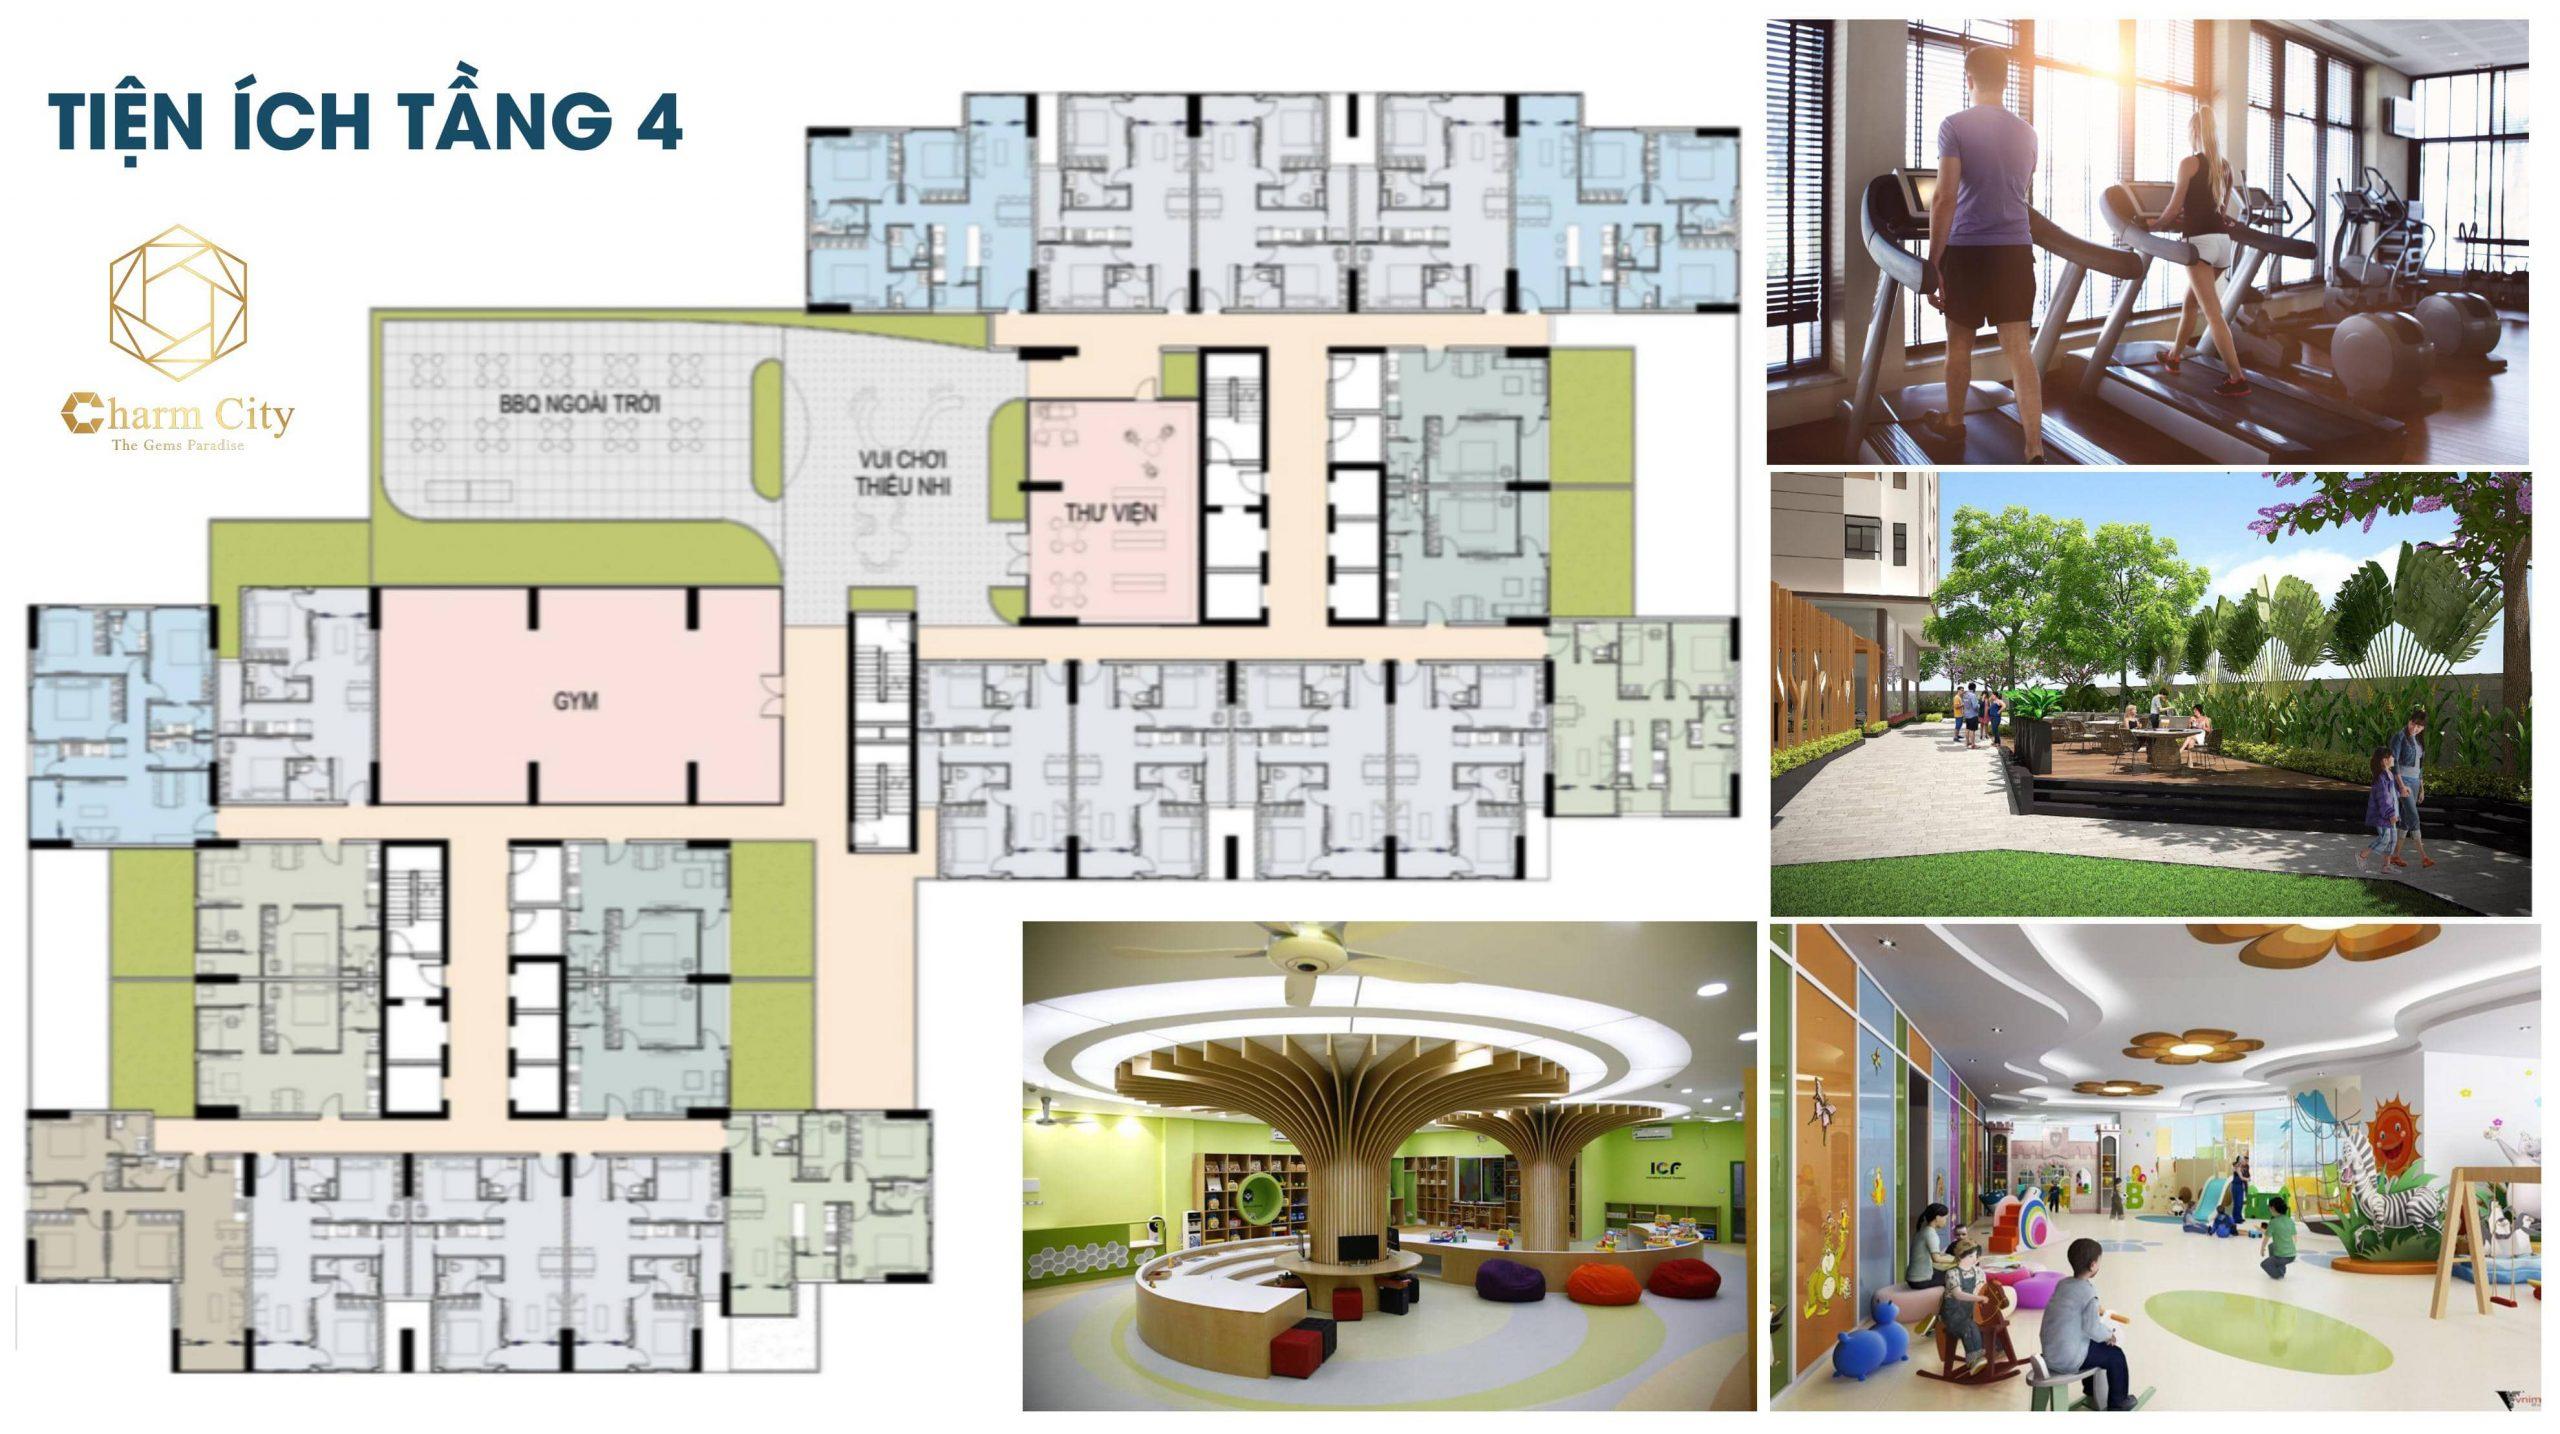 Tiện ích tầng 4 của dự án Charm City